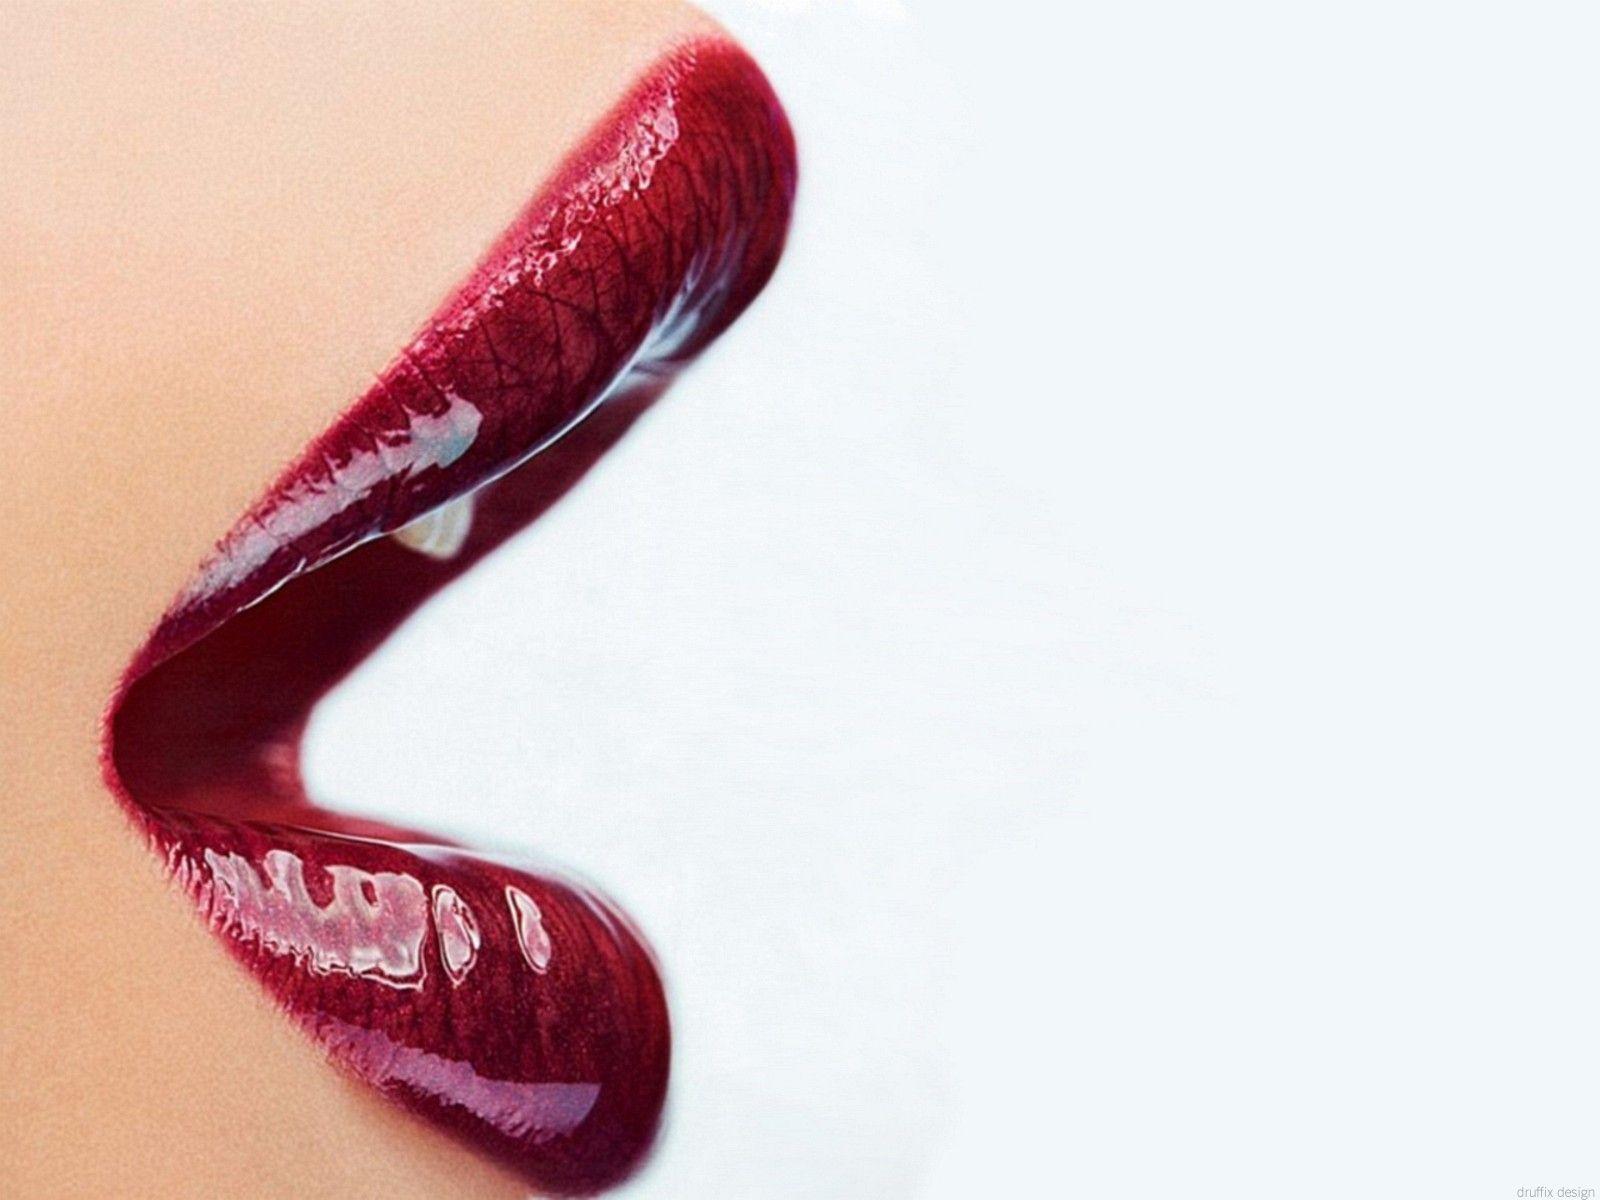 http://3.bp.blogspot.com/_ea0dI5k-rv0/TRPRSfPgTpI/AAAAAAAAA_4/9zOZLxIl_sI/s1600/Woman-Glossy-Red-Lips-1-1152x864.jpg